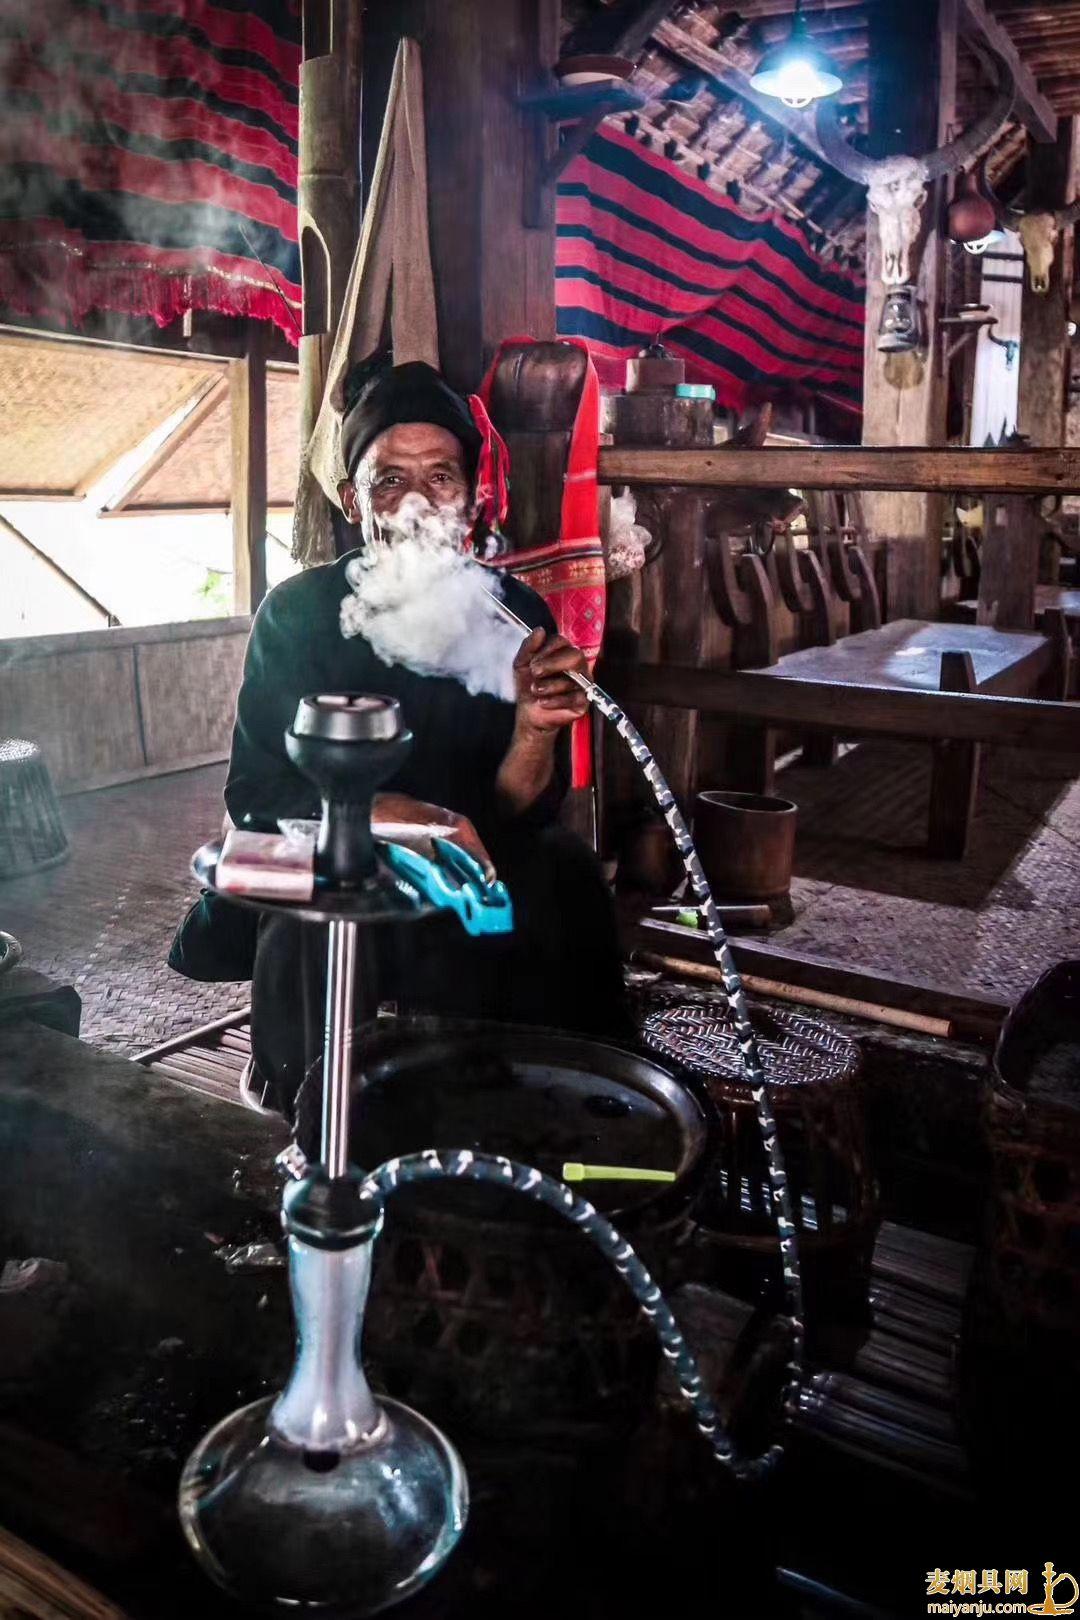 抽阿拉伯水烟正确的吞吐方法